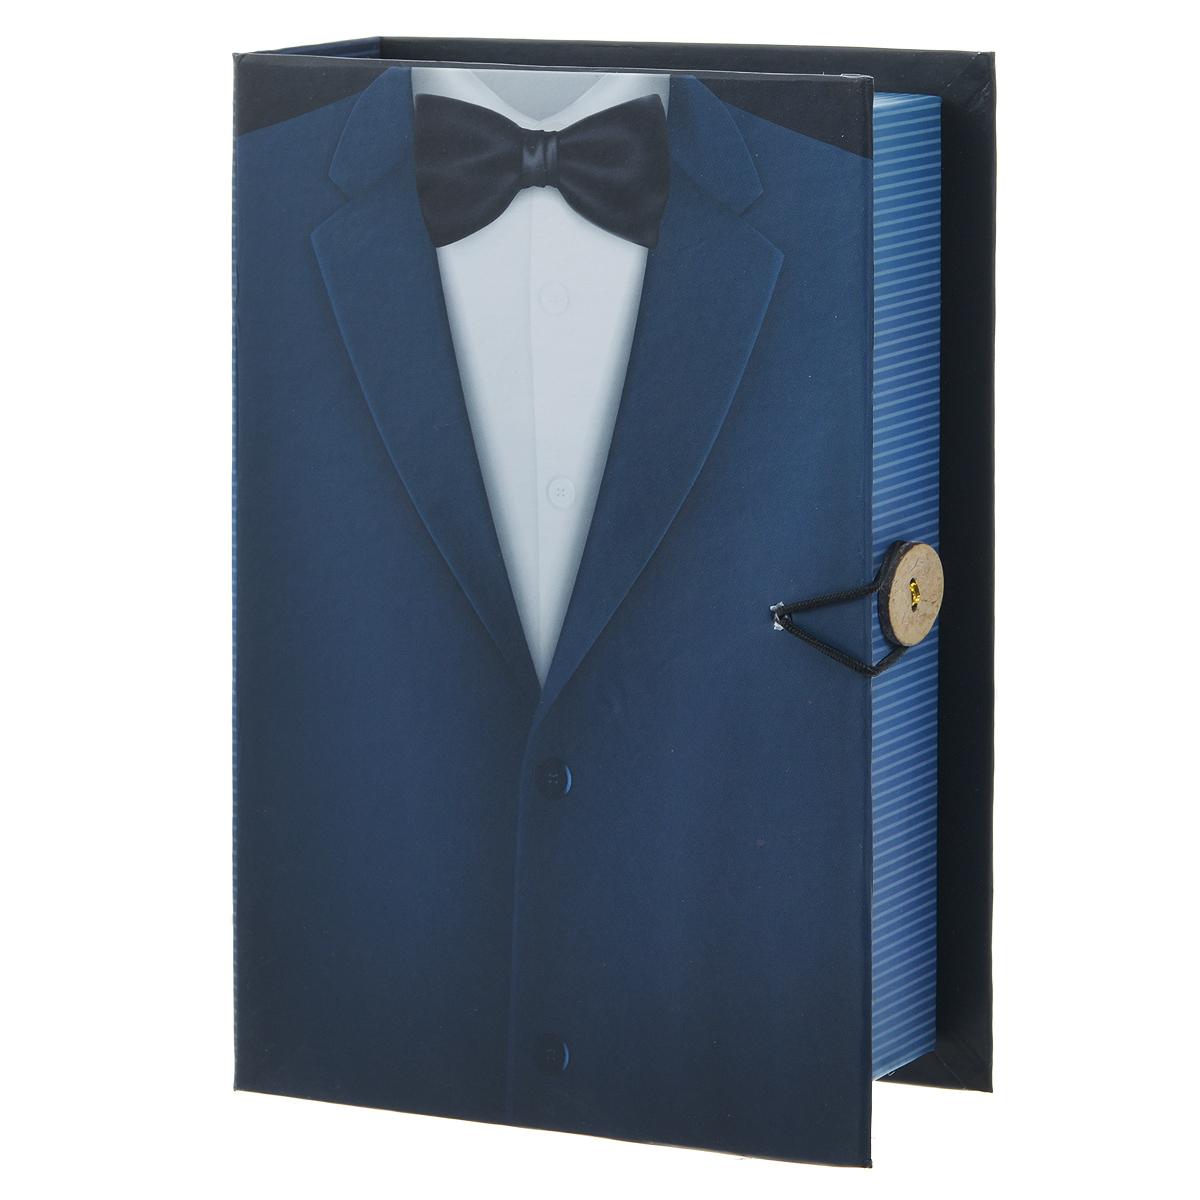 Подарочная коробка Джентльмен, 20 х 14 х 6 см39477Подарочная коробка Джентльмен выполнена из плотного картона. Изделие оформлено изображением мужского пиджака с галстуком. Коробка закрывается на пуговицу. Подарочная коробка - это наилучшее решение, если вы хотите порадовать ваших близких и создать праздничное настроение, ведь подарок, преподнесенный в оригинальной упаковке, всегда будет самым эффектным и запоминающимся. Окружите близких людей вниманием и заботой, вручив презент в нарядном, праздничном оформлении. Плотность картона: 1100 г/м2.